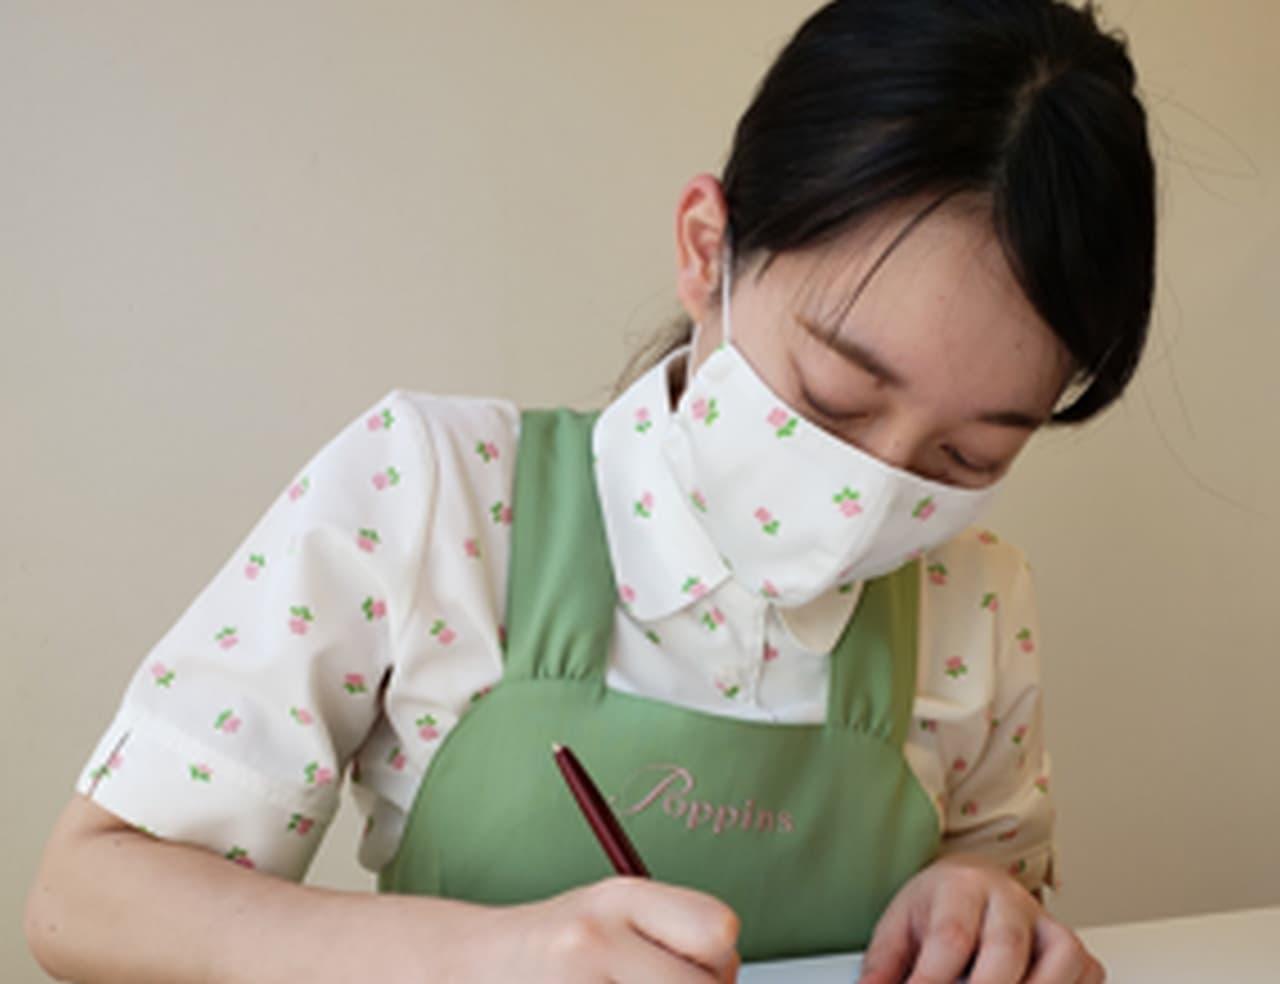 マスクを制服に ― 保育・教育施設を運営するポピンズで導入